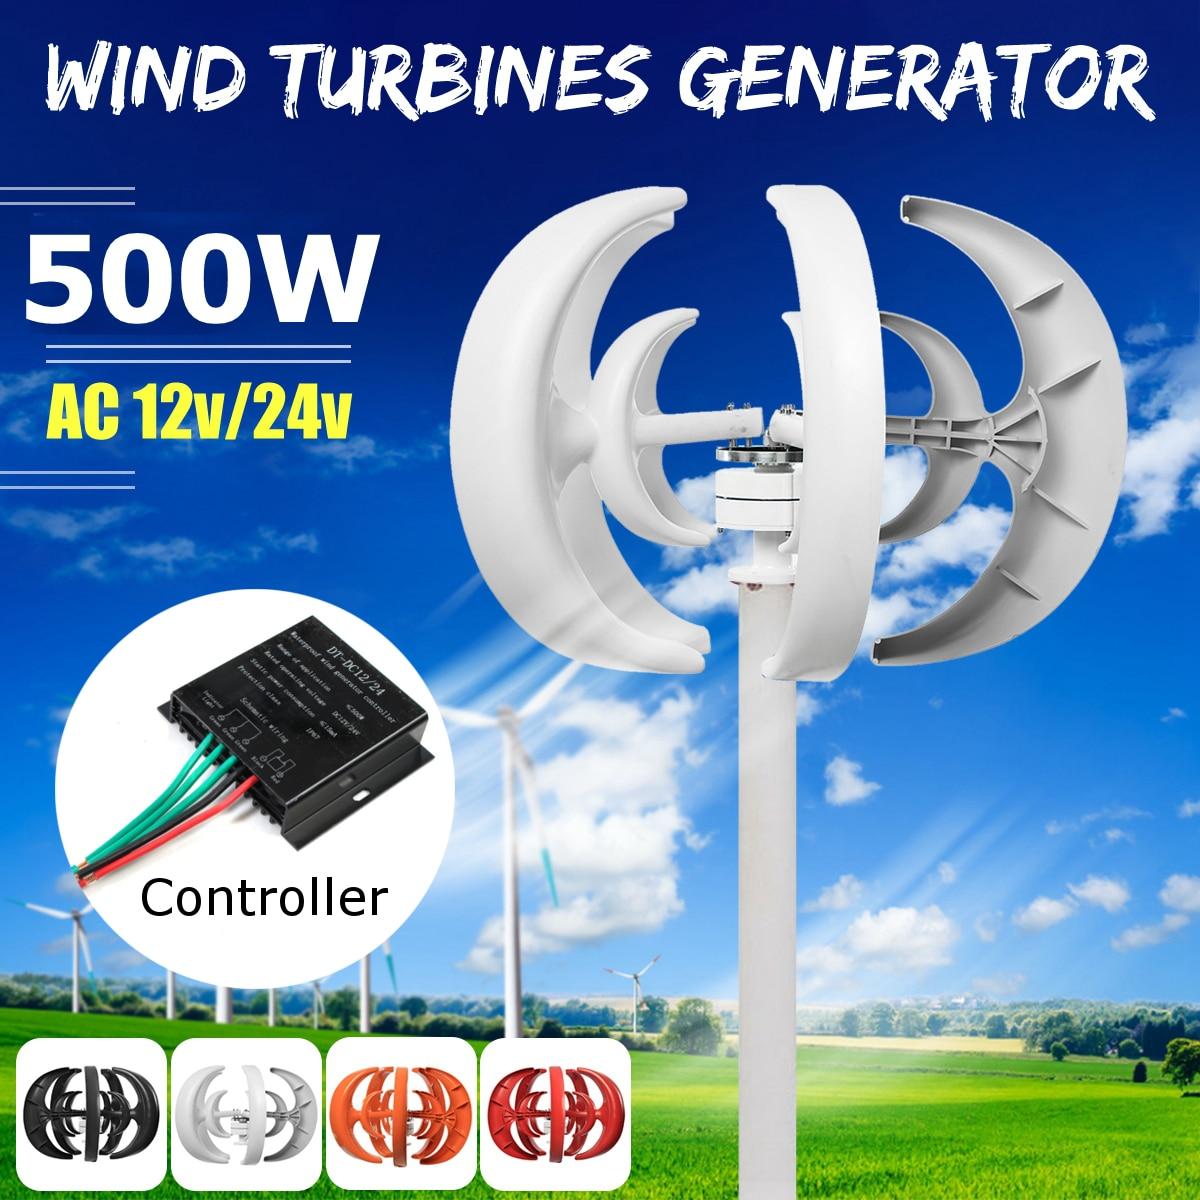 Vent Turbine 500 w DC 12/24 v Combiner Avec 600 w Anglais Vent Générateur Contrôleur Maison Pour La Maison hybride Lampadaire Utiliser